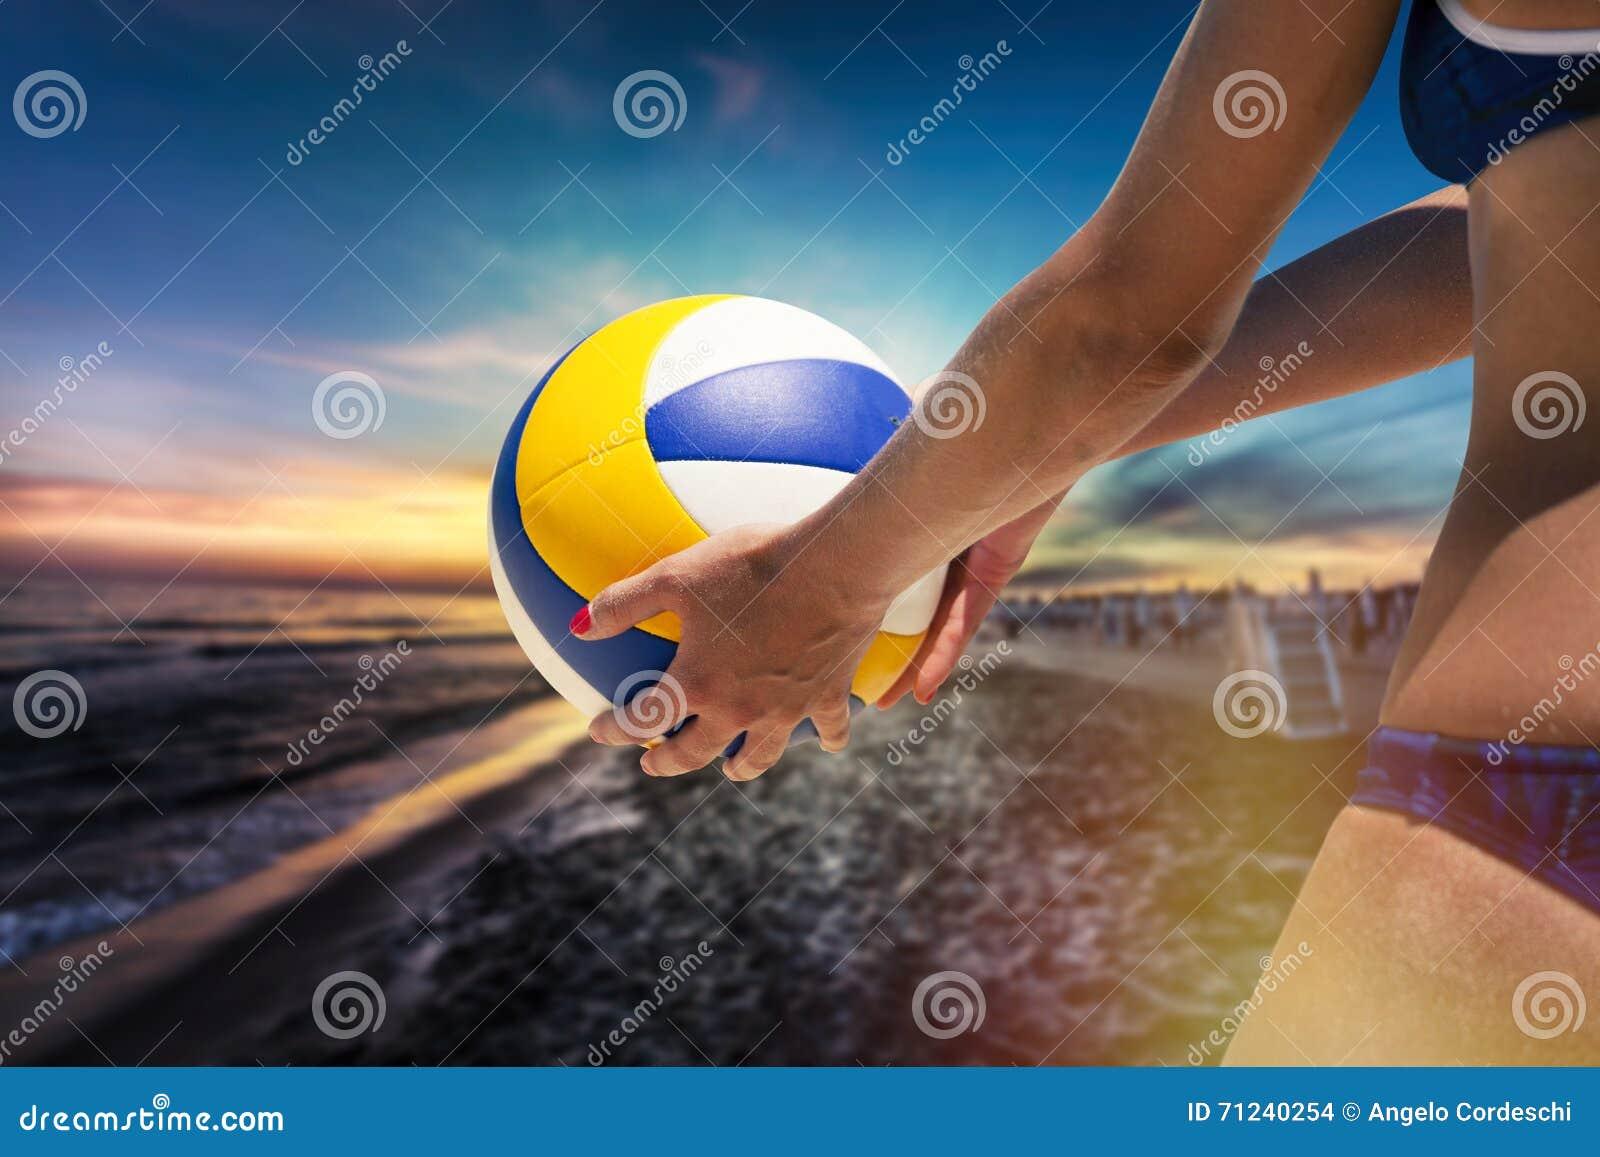 Jugador De Voleibol De Playa, Jugando Verano Mujer Con La Bola Foto ...